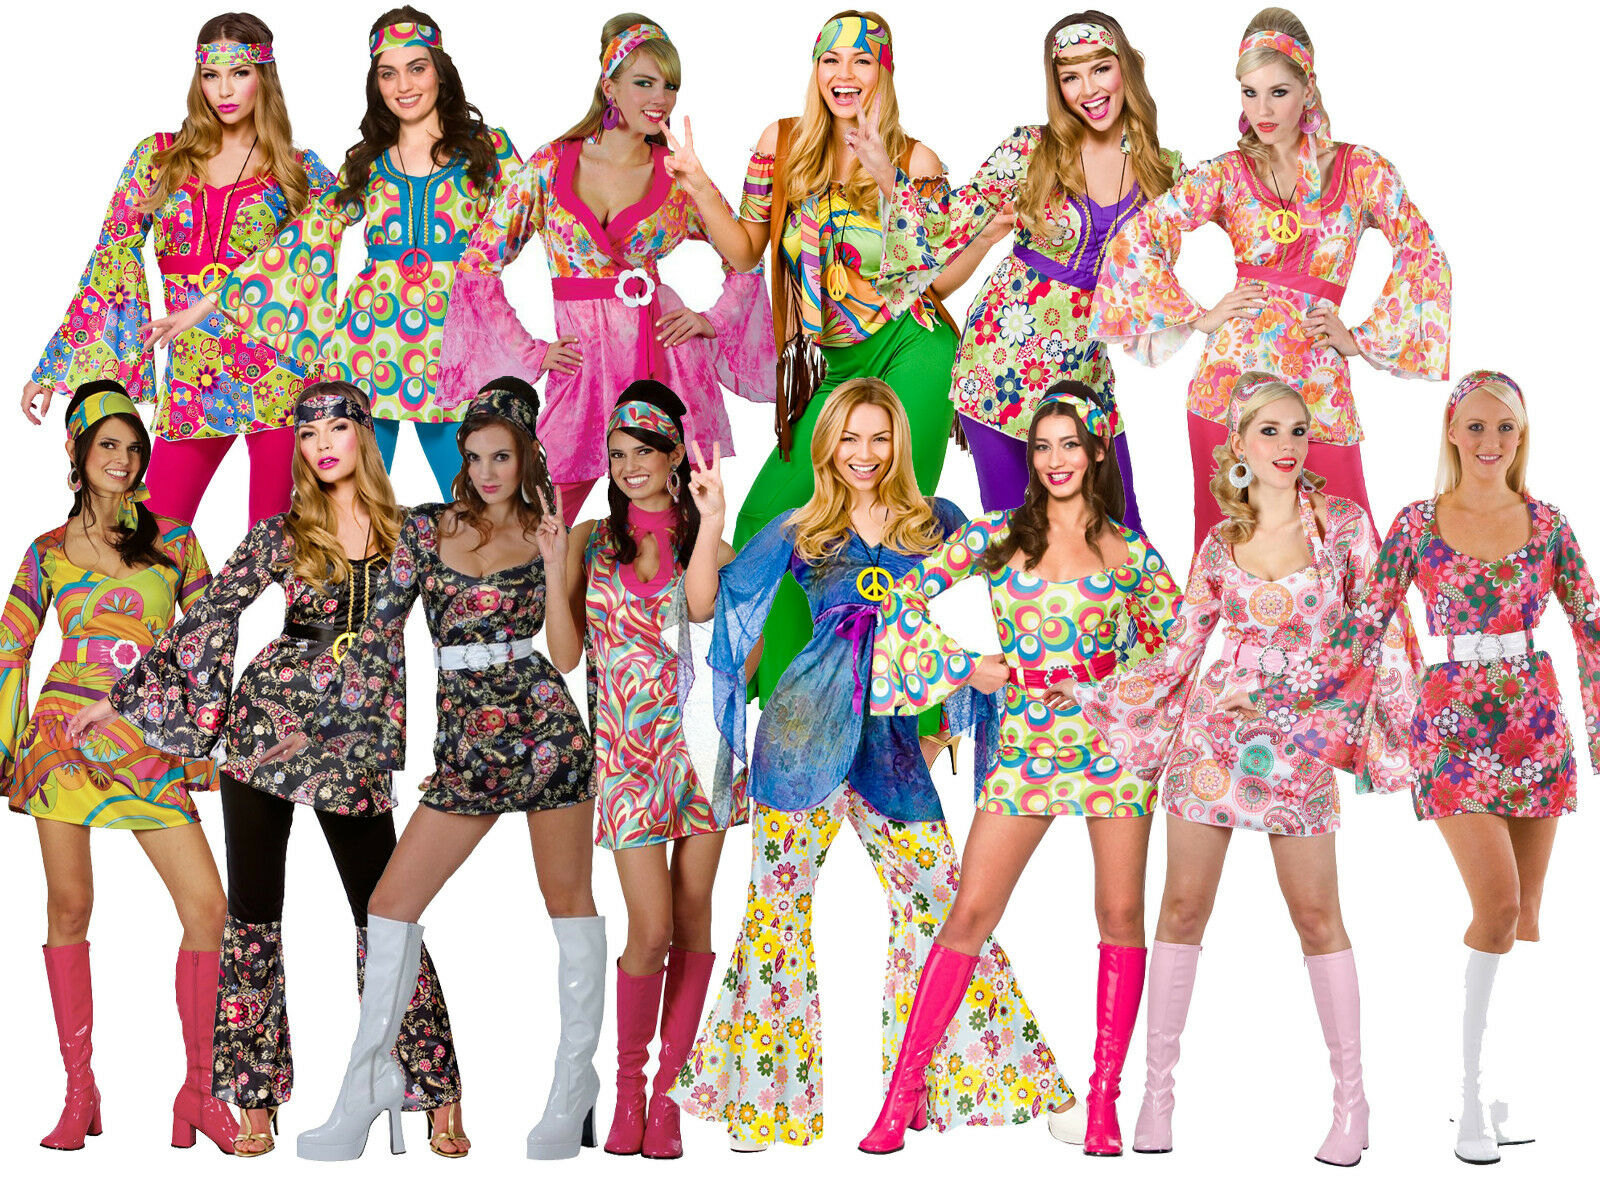 Hippie Fiore Per Capelli Clip Hippy 60s 70s Mod Retrò Vintage Classic Costume